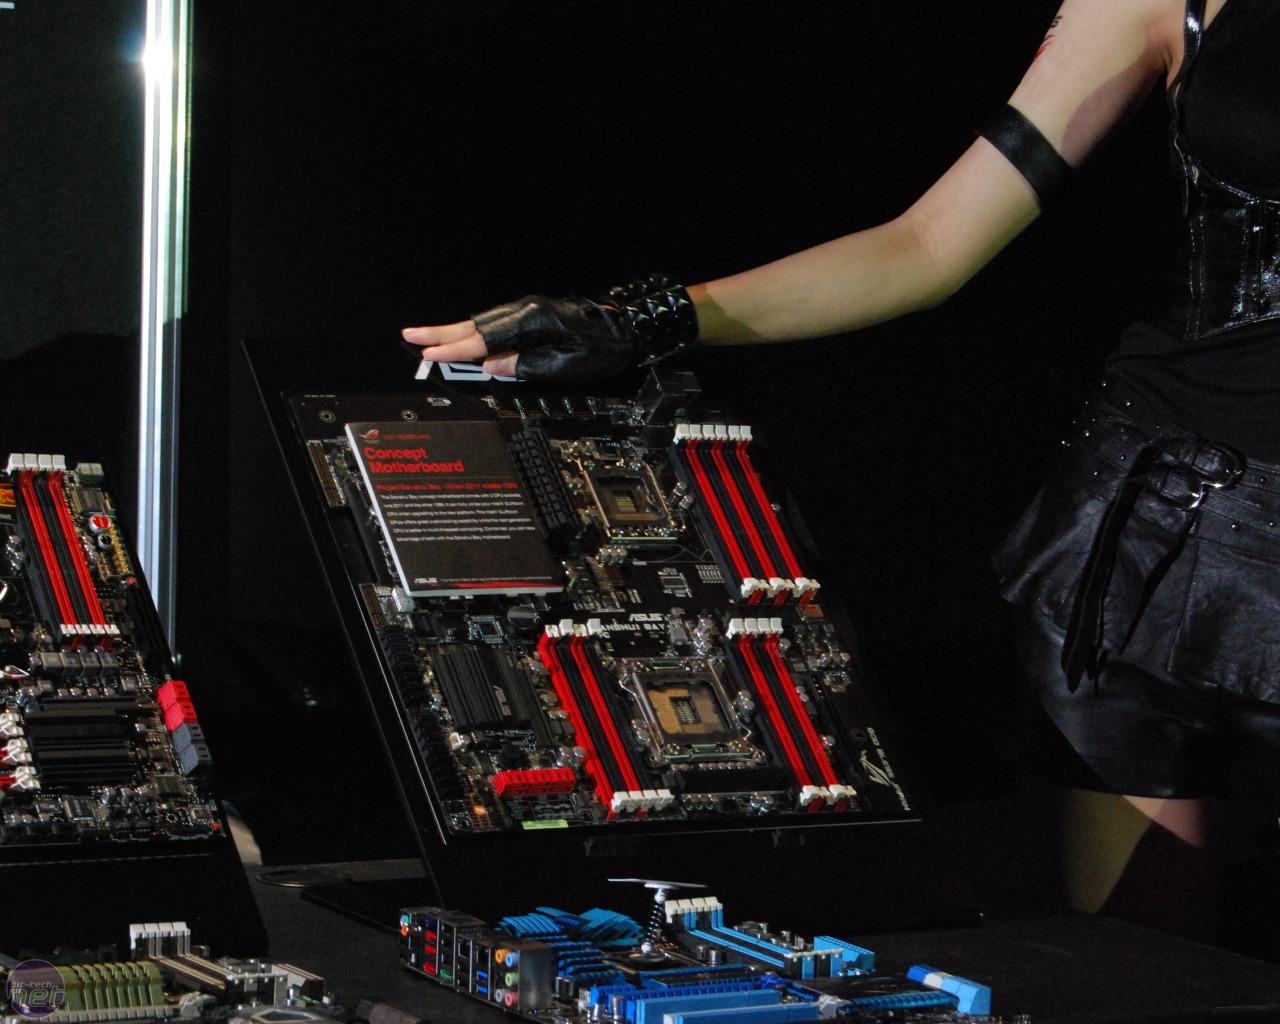 P9x79 memory slots